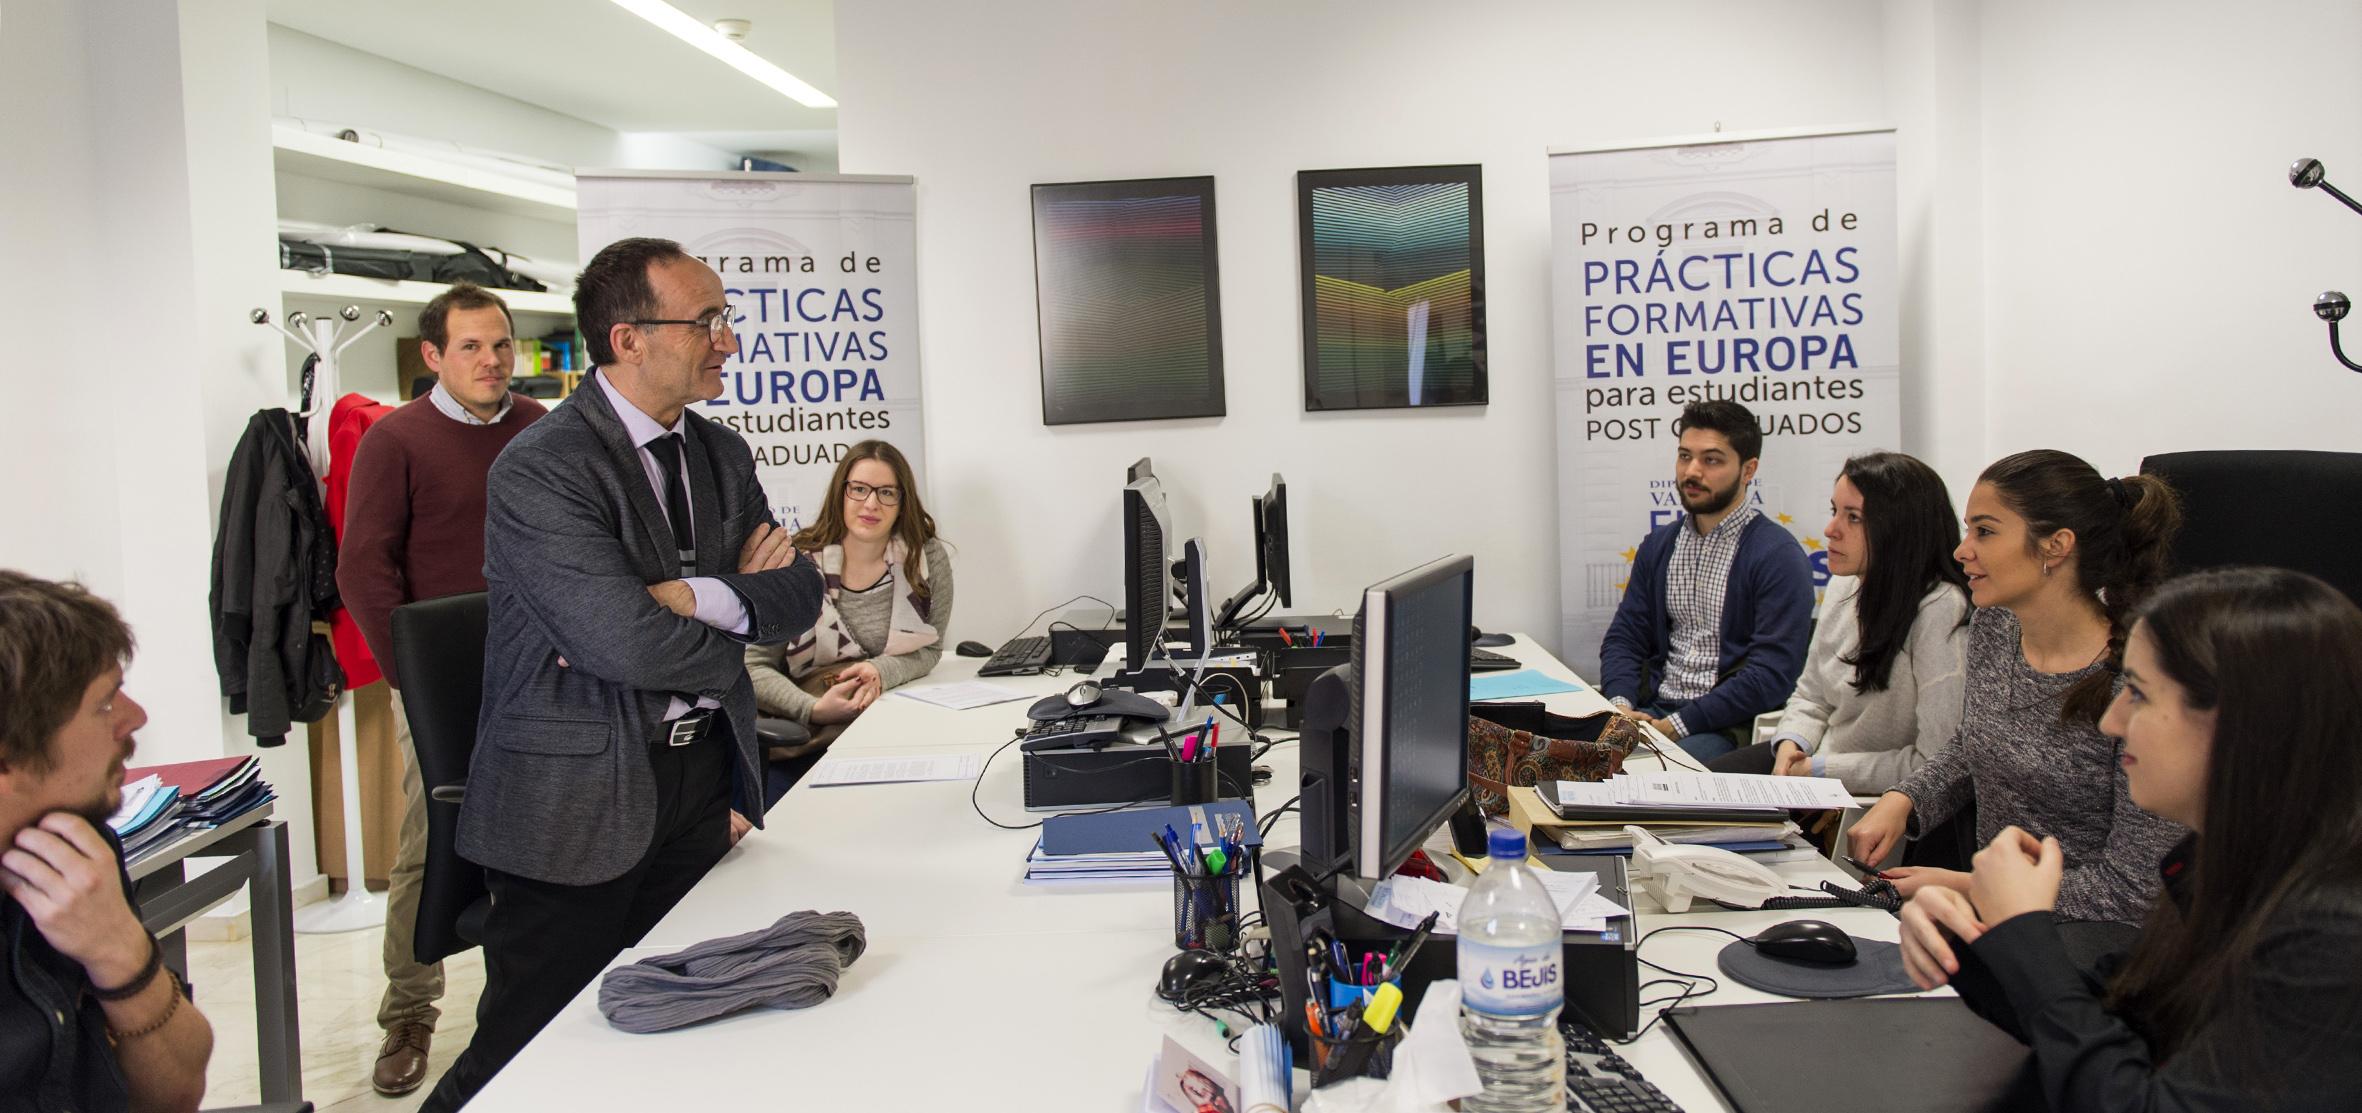 En la primera parte del programa de 2018, un total de 17 jóvenes posgraduados podrán optar a cinco meses de formación en empresas e instituciones de toda Europa.